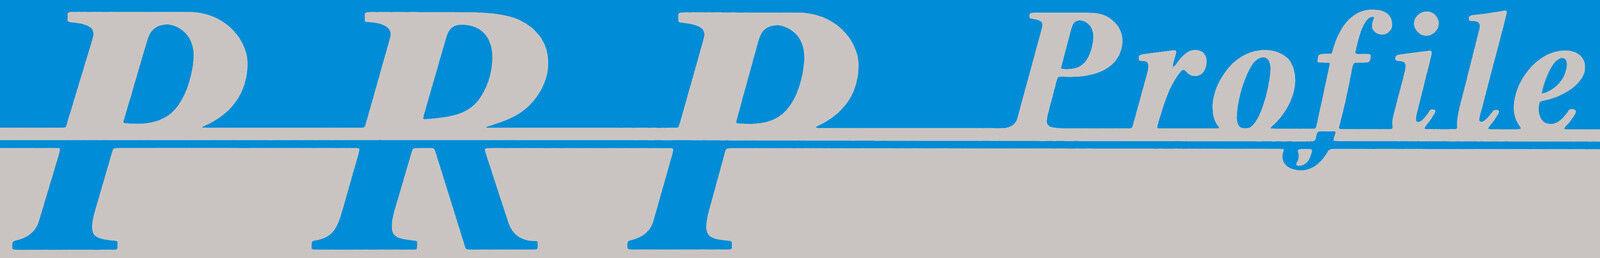 PRP-Profile